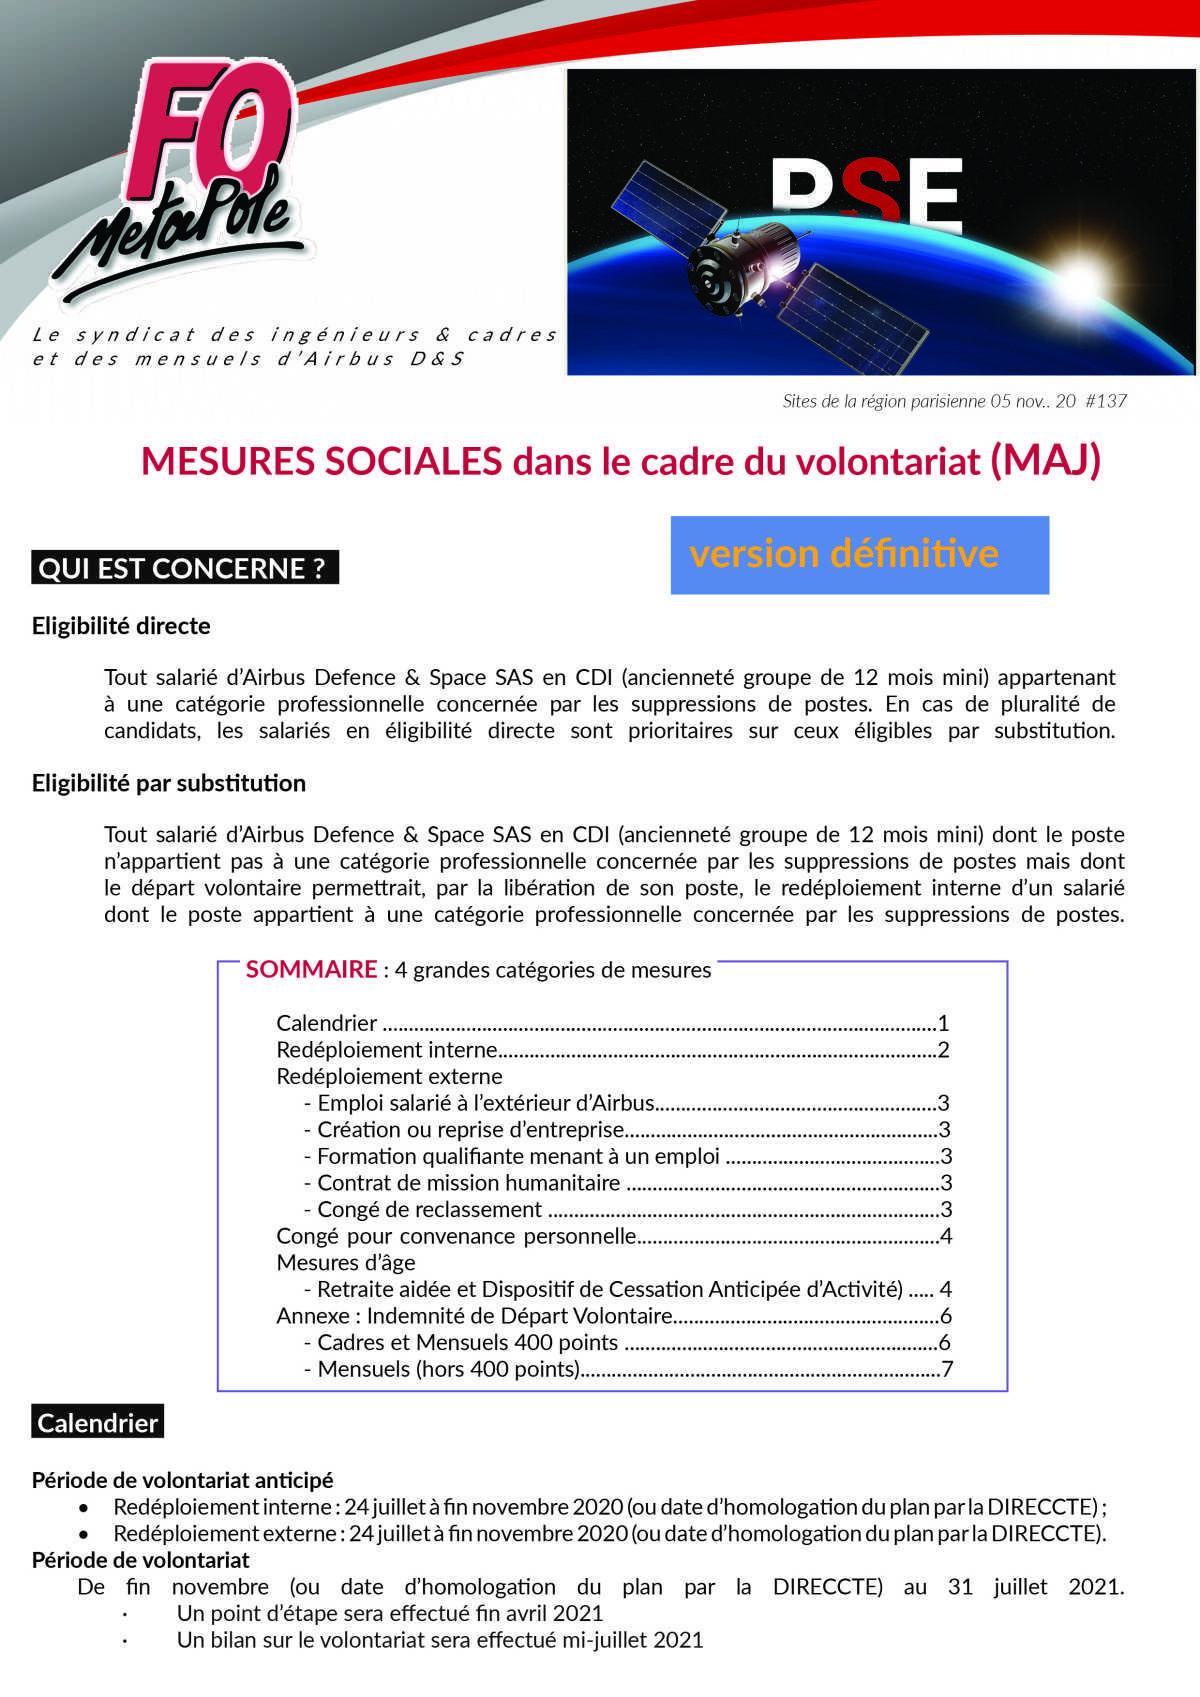 PSE ADS : Version définitive des mesures sociales en cas de volontariat